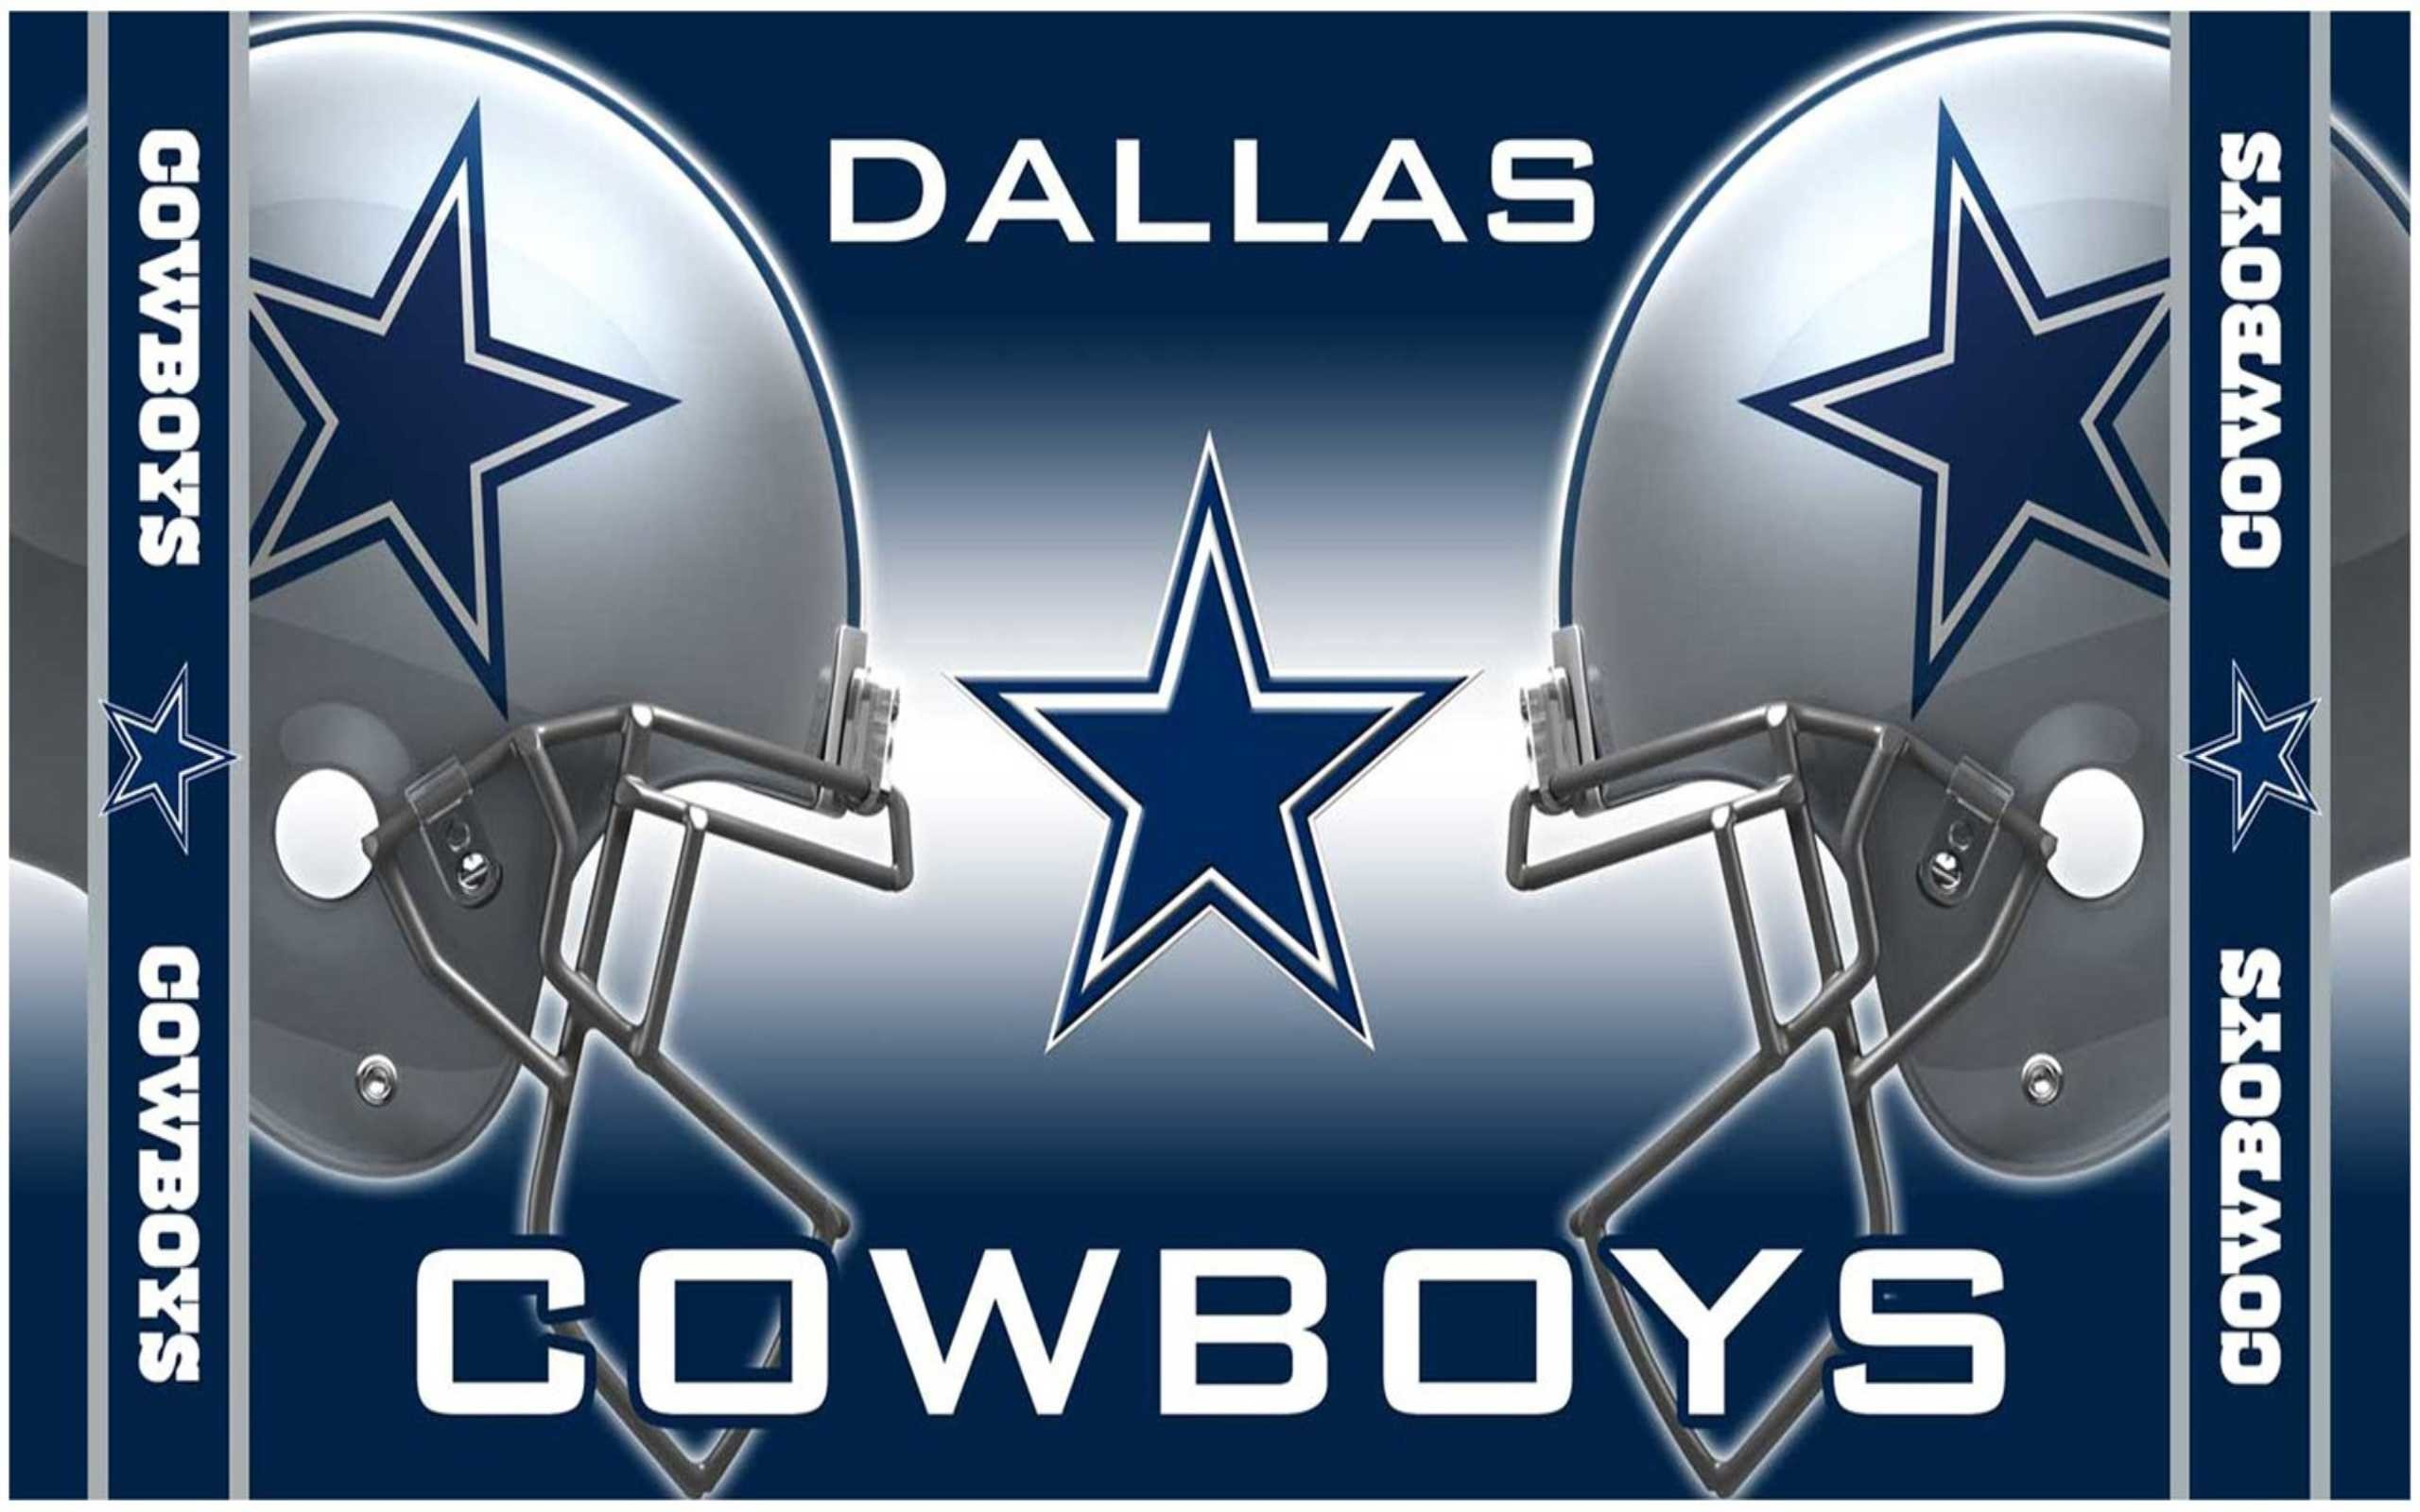 Dallas Cowboys Wallpaper Hd Images Desktop Image For - Cowboys Dallas - HD Wallpaper